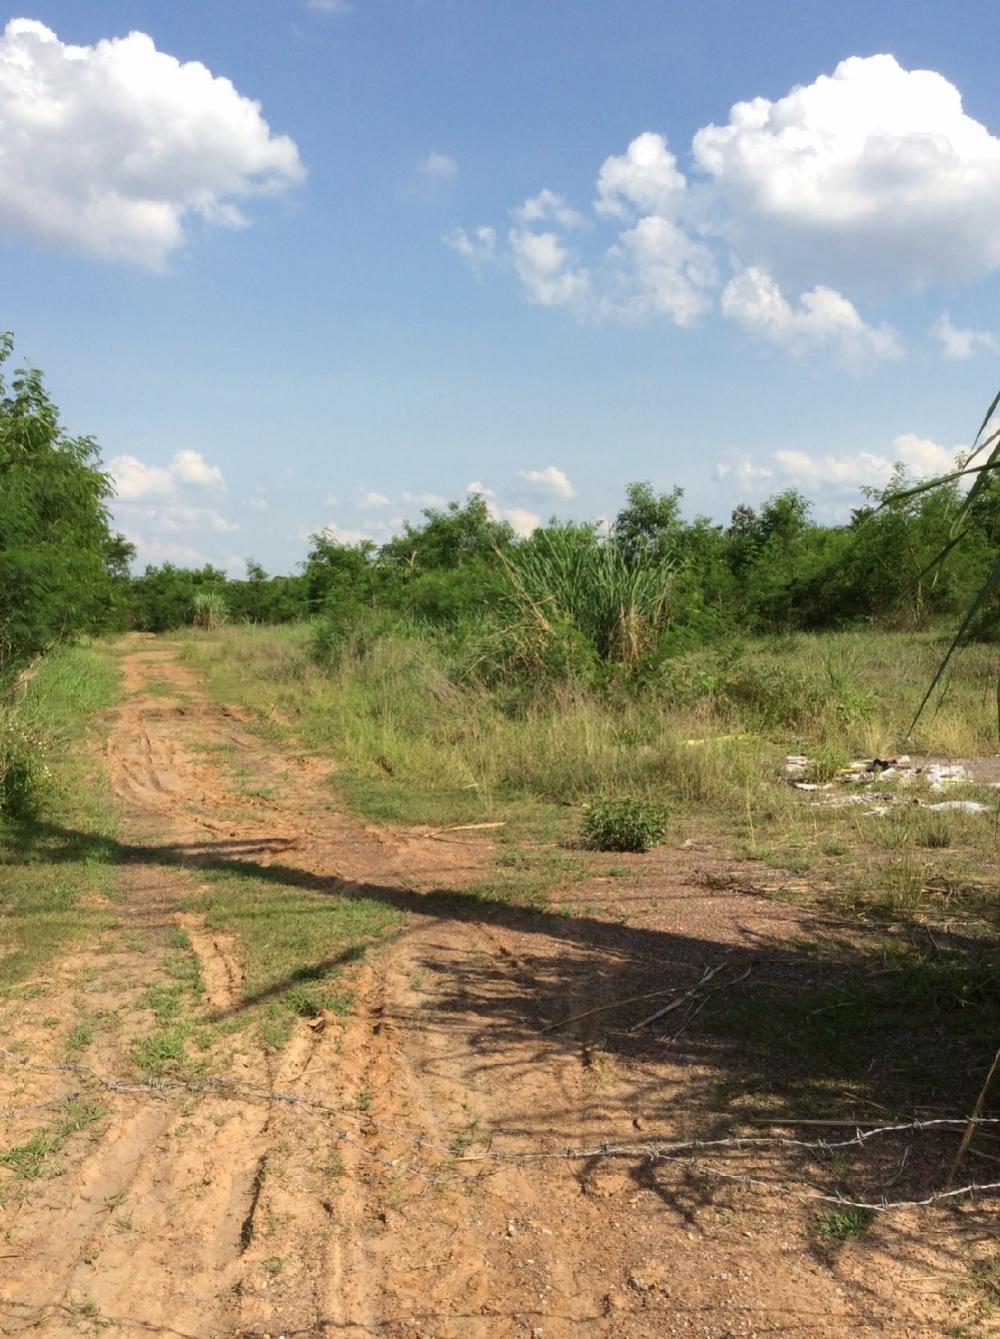 ขายที่ดินอุดรธานี : ขายที่ดินสวยติดถนนใหญ่ 24ไร่ หน้าที่ดินกว้าง80เมตร ลึก500เมตร ติดอ่างเก็บน้ำห้วยหินลาด